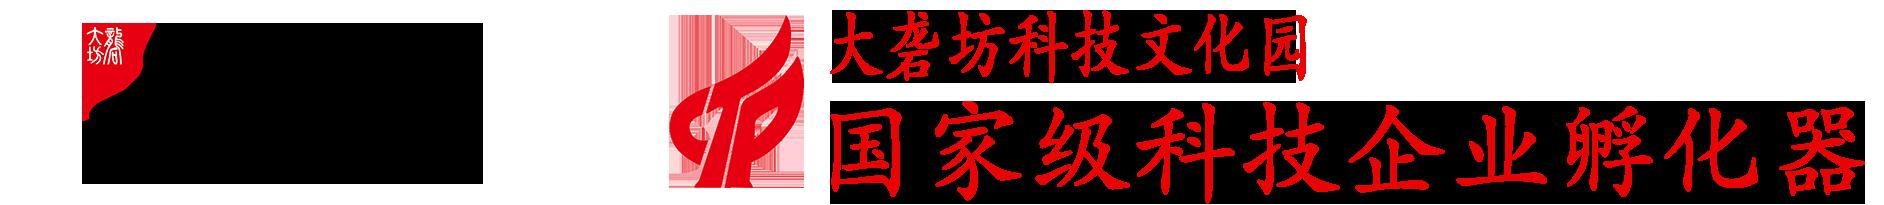 大砻坊科技文化园